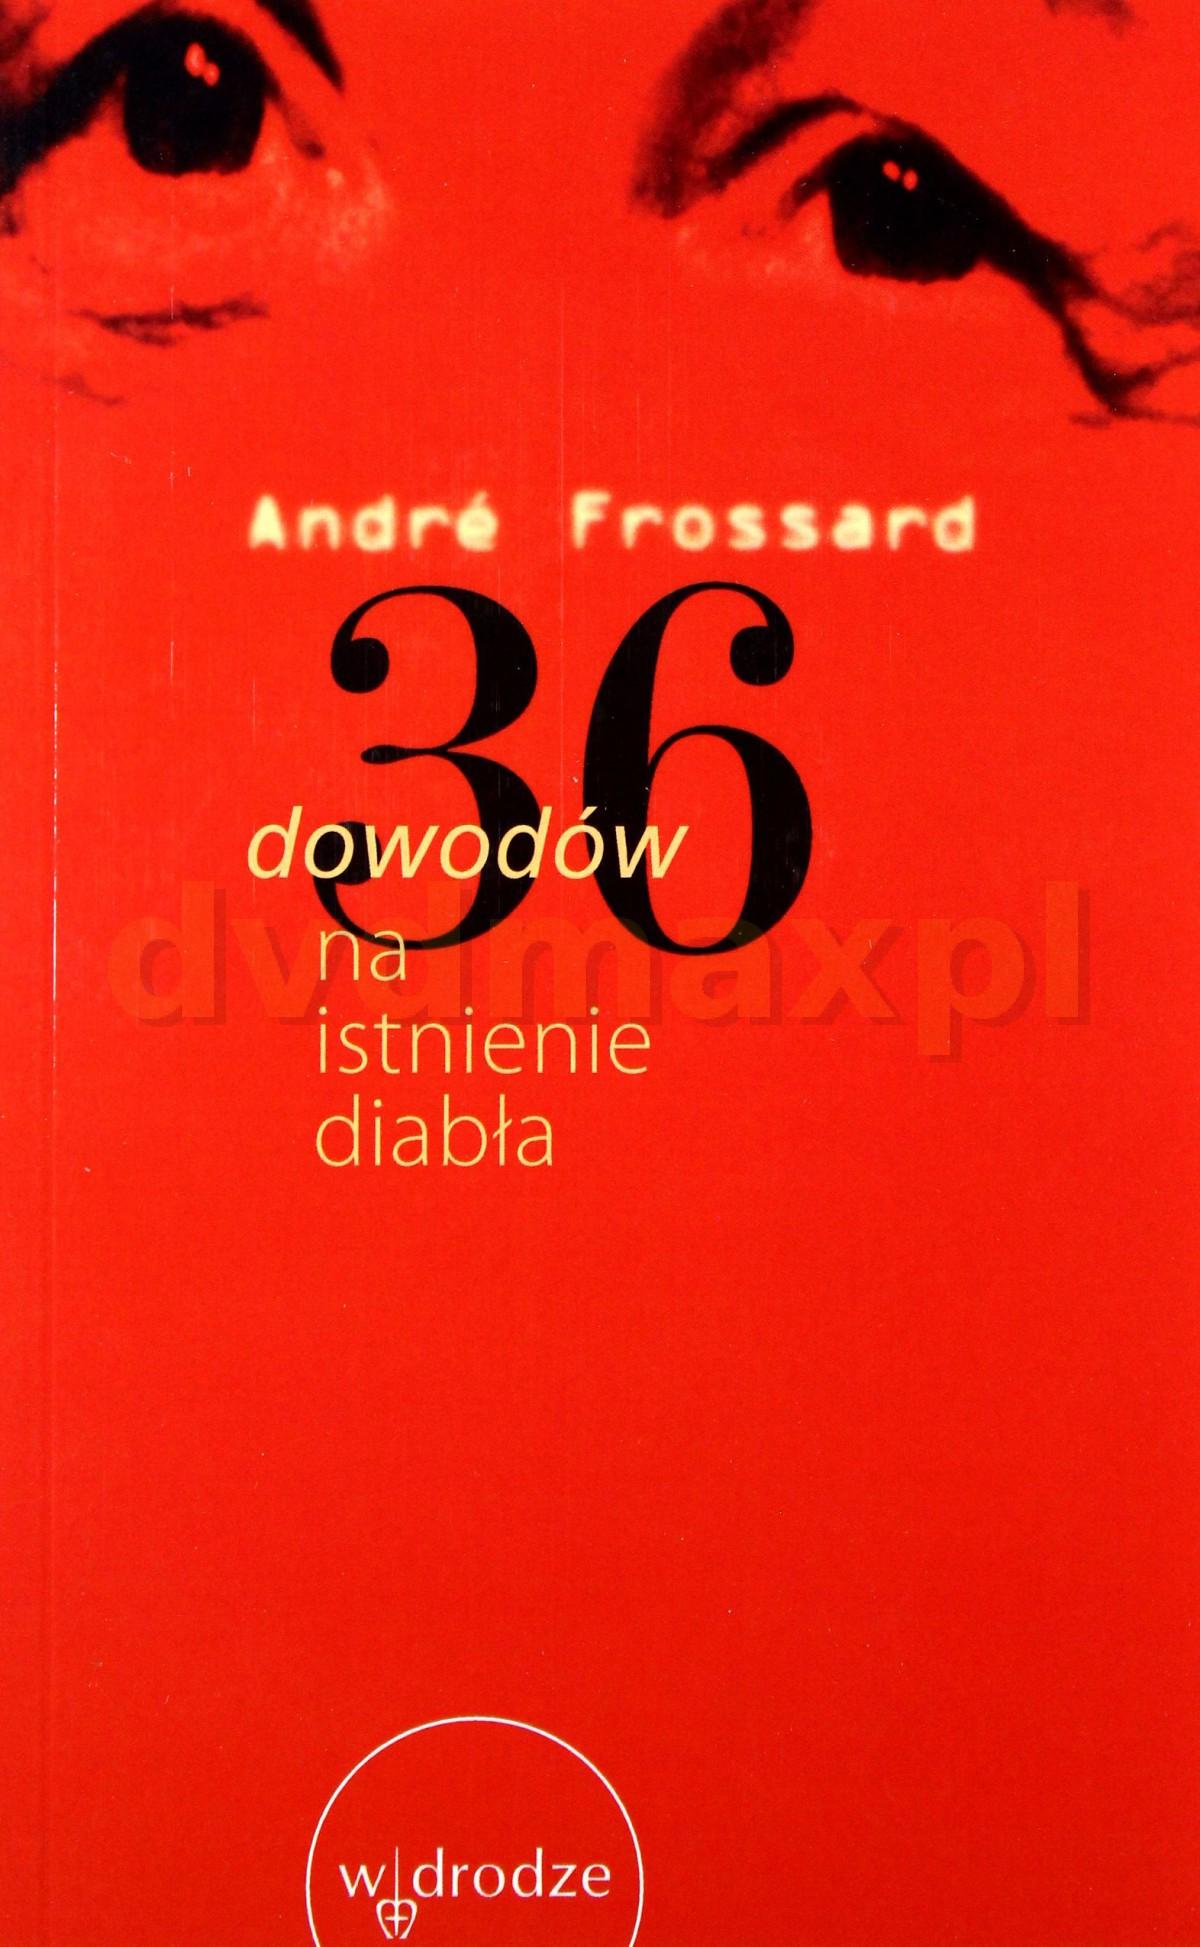 36 dowodów na istnienie diabła. Andre Frossard